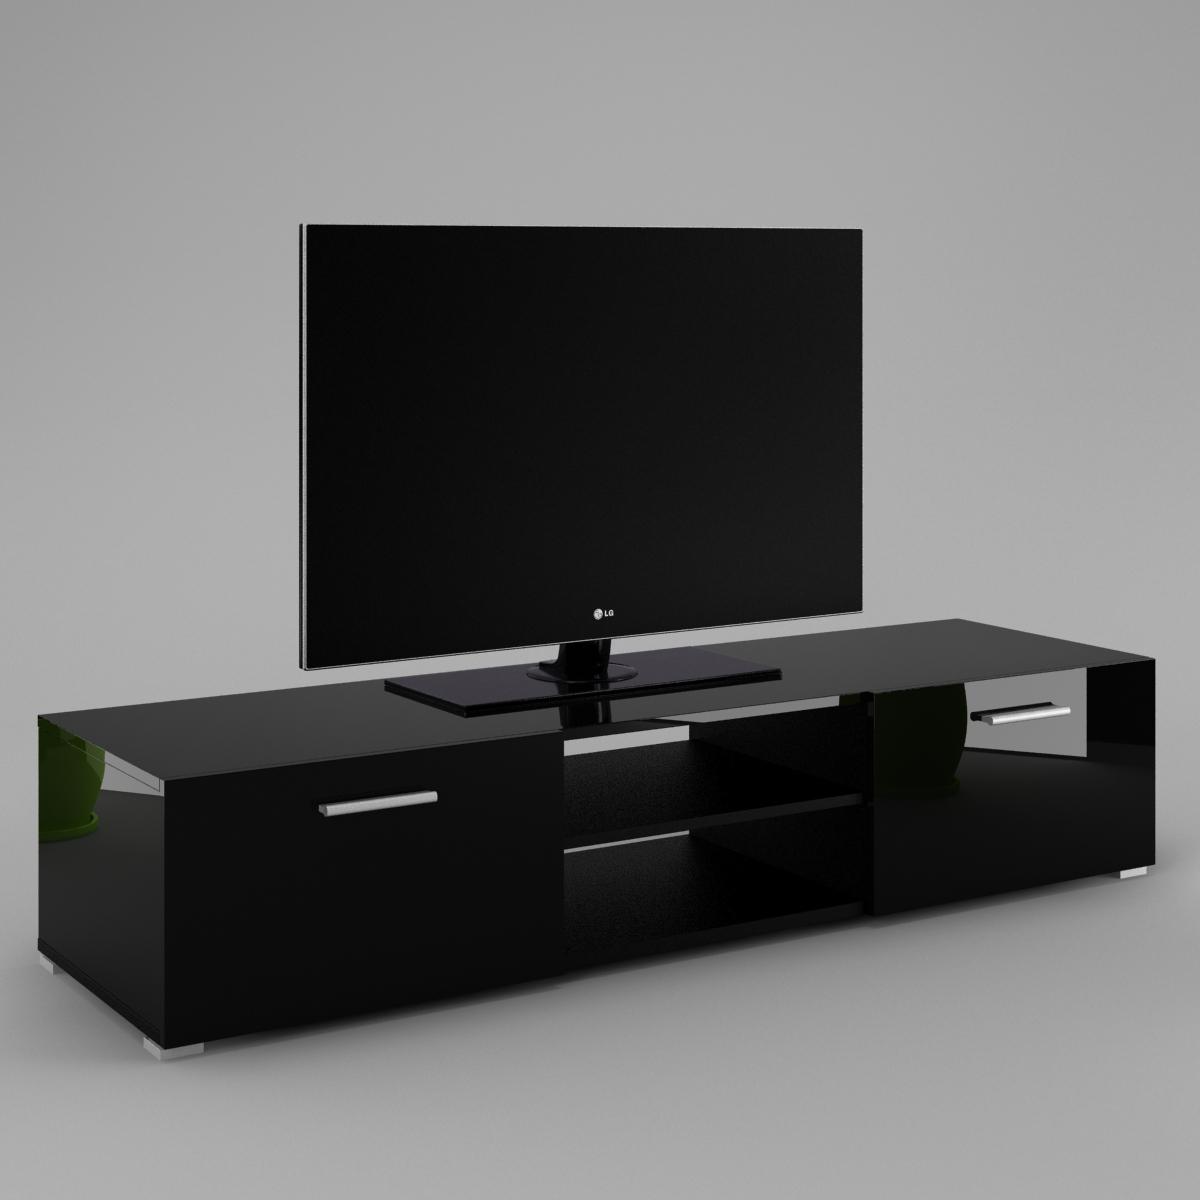 lowboard tv luna labi m bellabi m bel. Black Bedroom Furniture Sets. Home Design Ideas